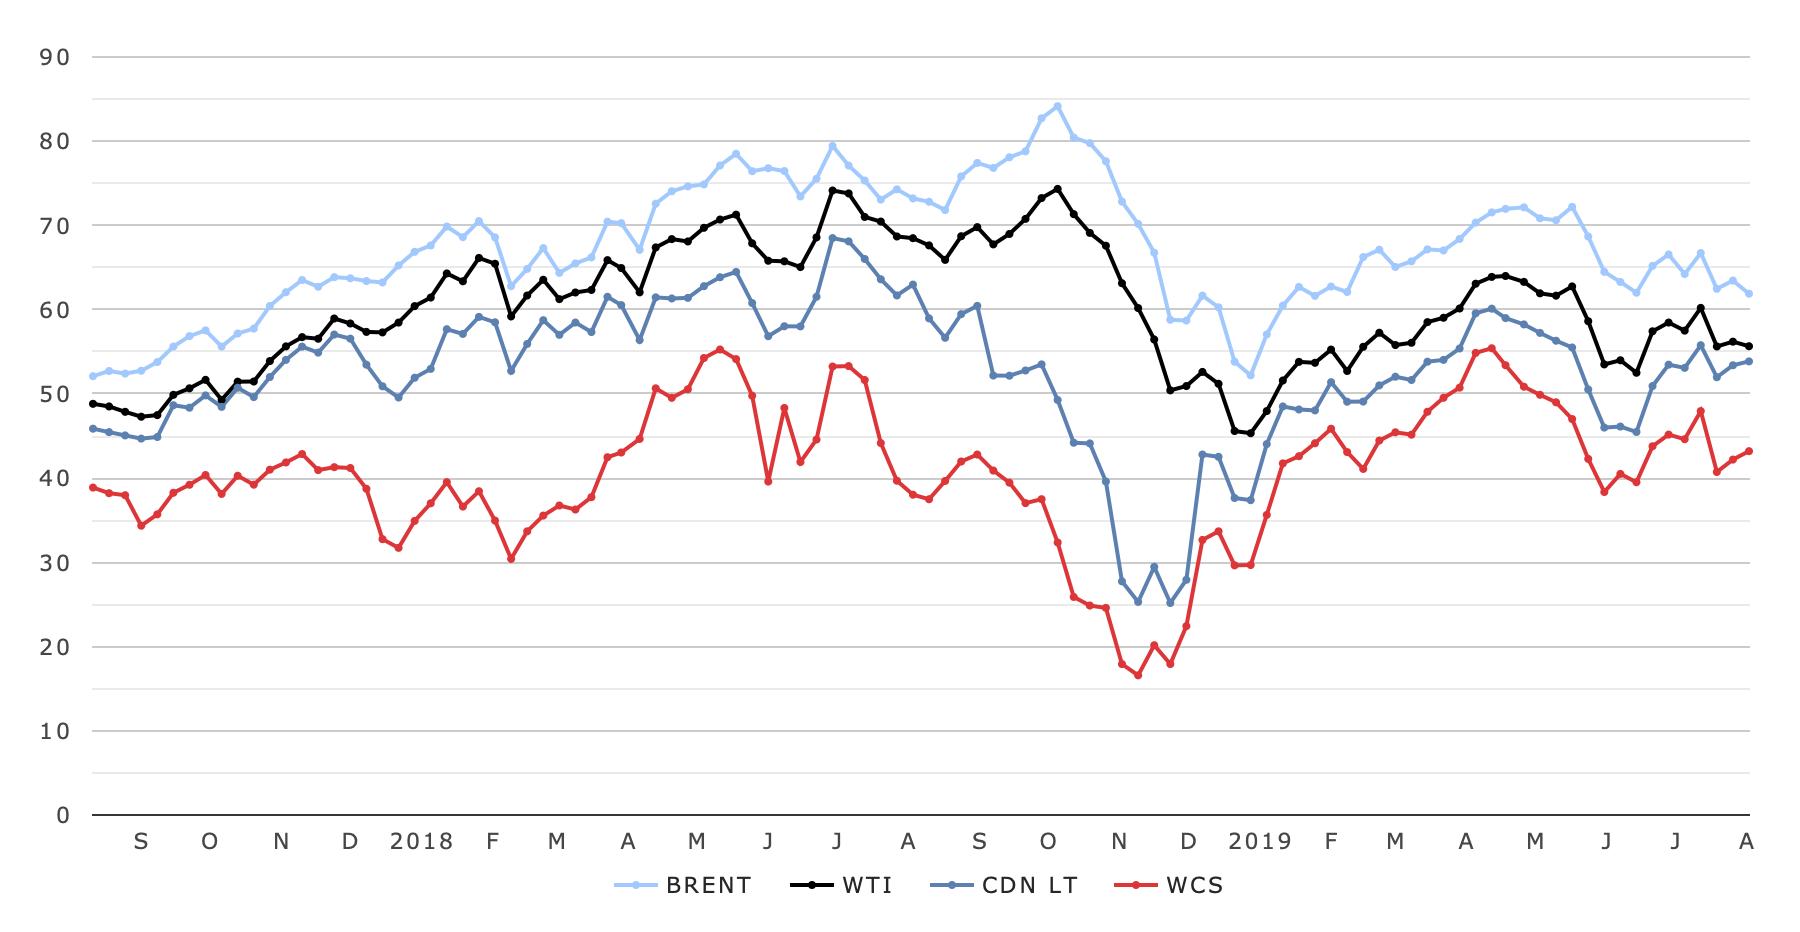 weekly-oil-prices-wti-brent.jpg